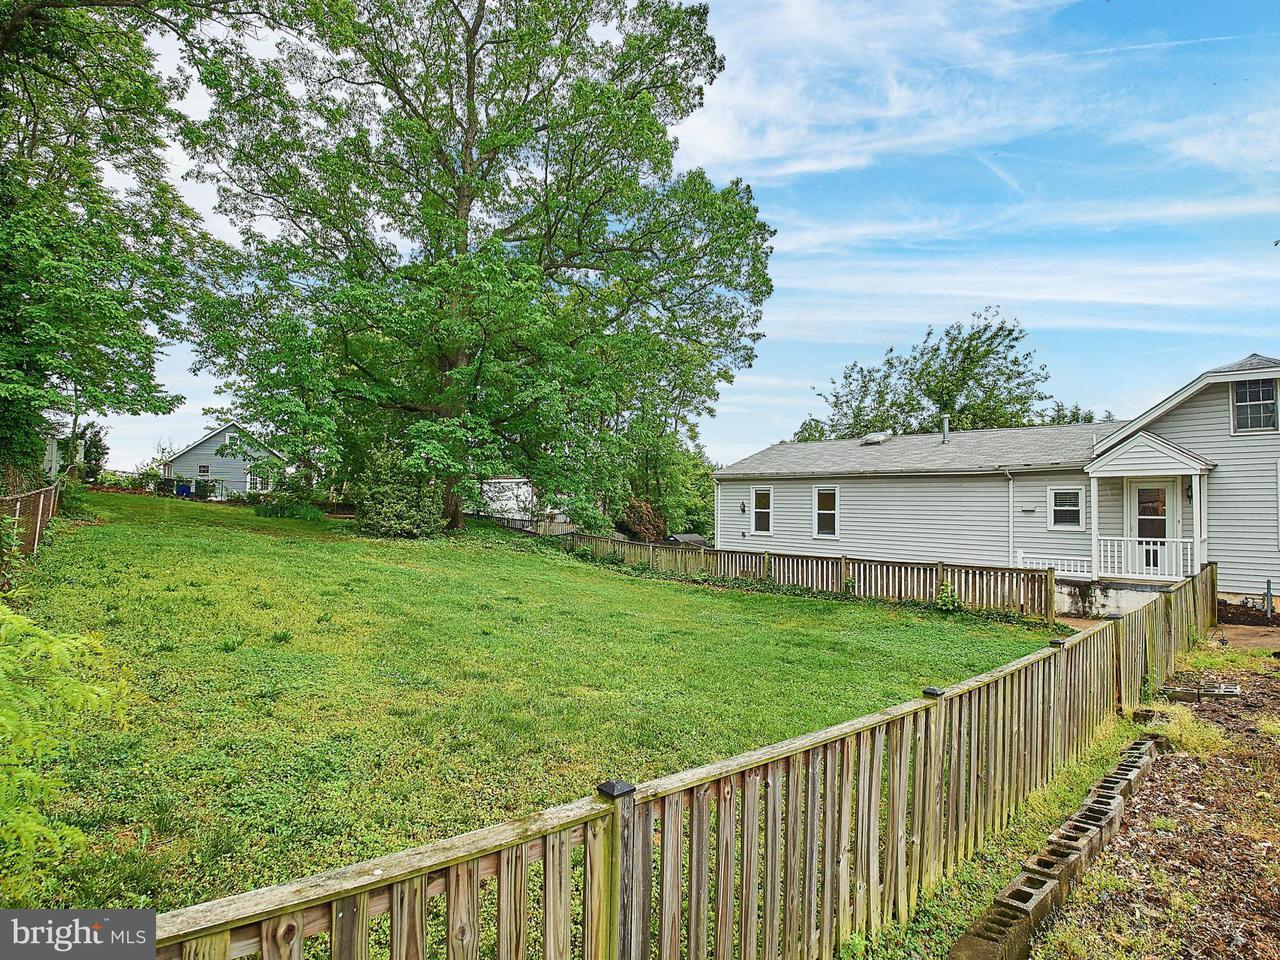 土地 のために 売買 アット 3104 19TH ST S 3104 19TH ST S Arlington, バージニア 22204 アメリカ合衆国